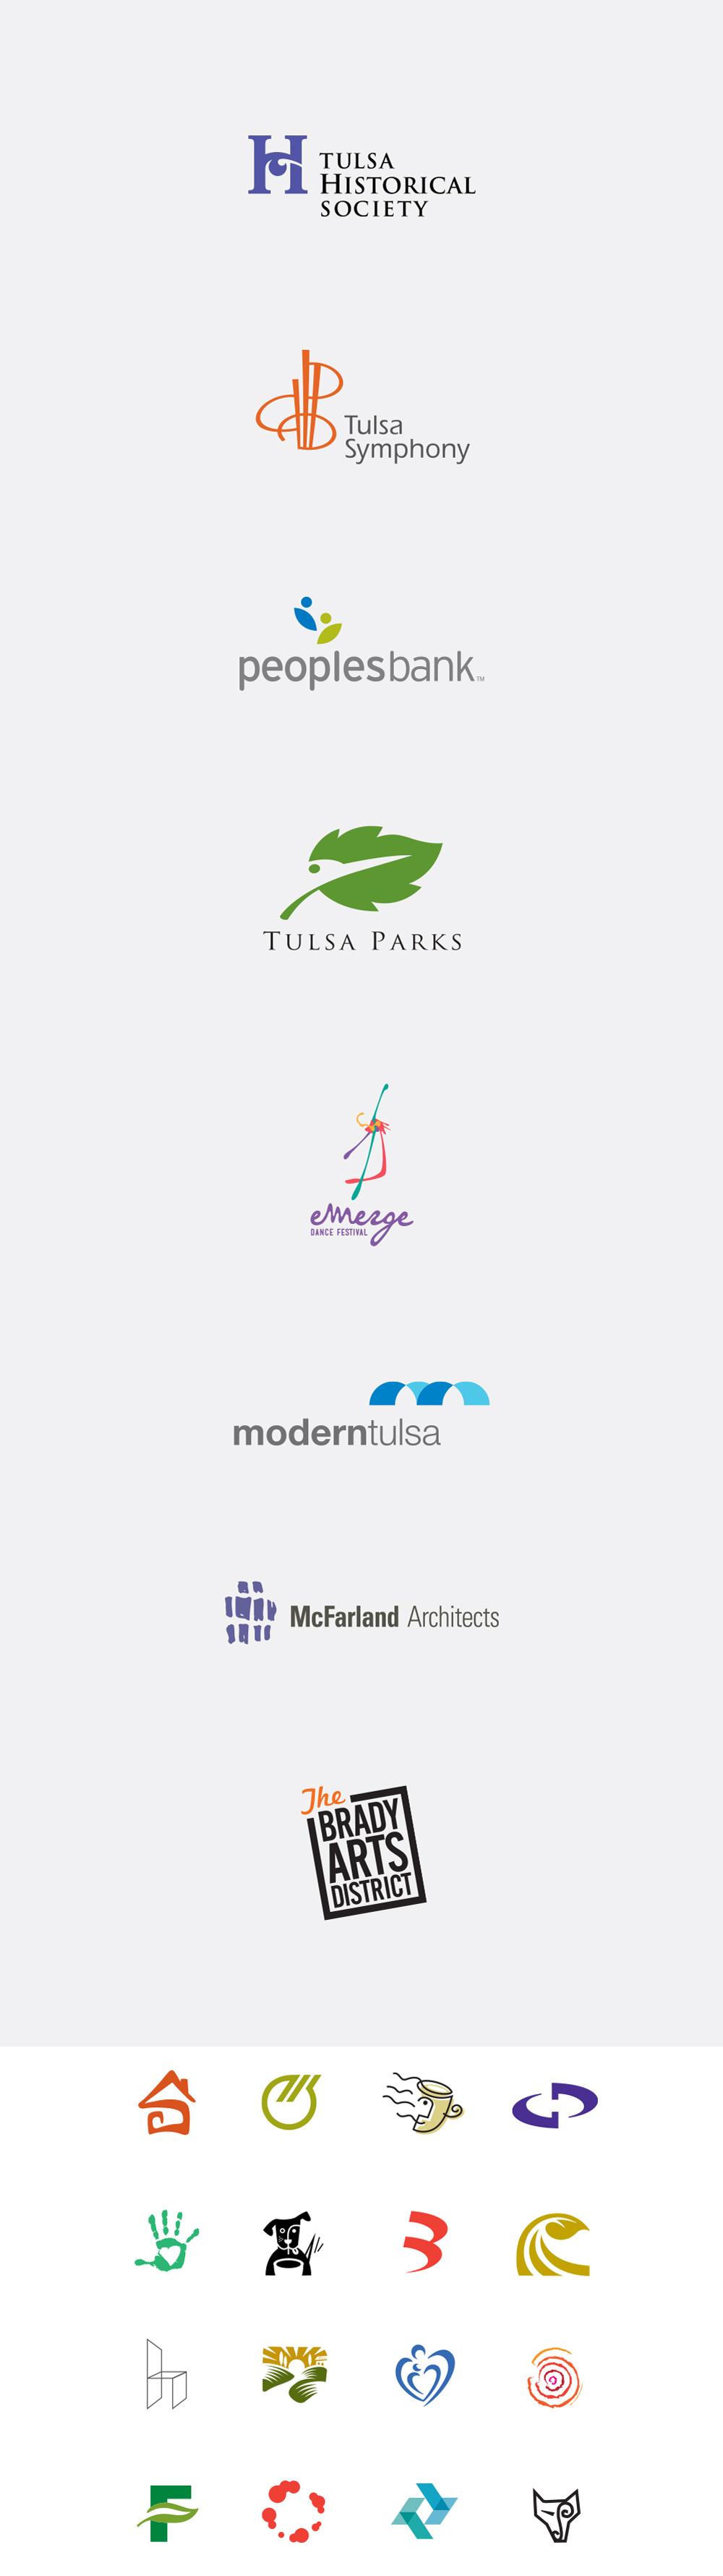 Logos_2_Grouping-A